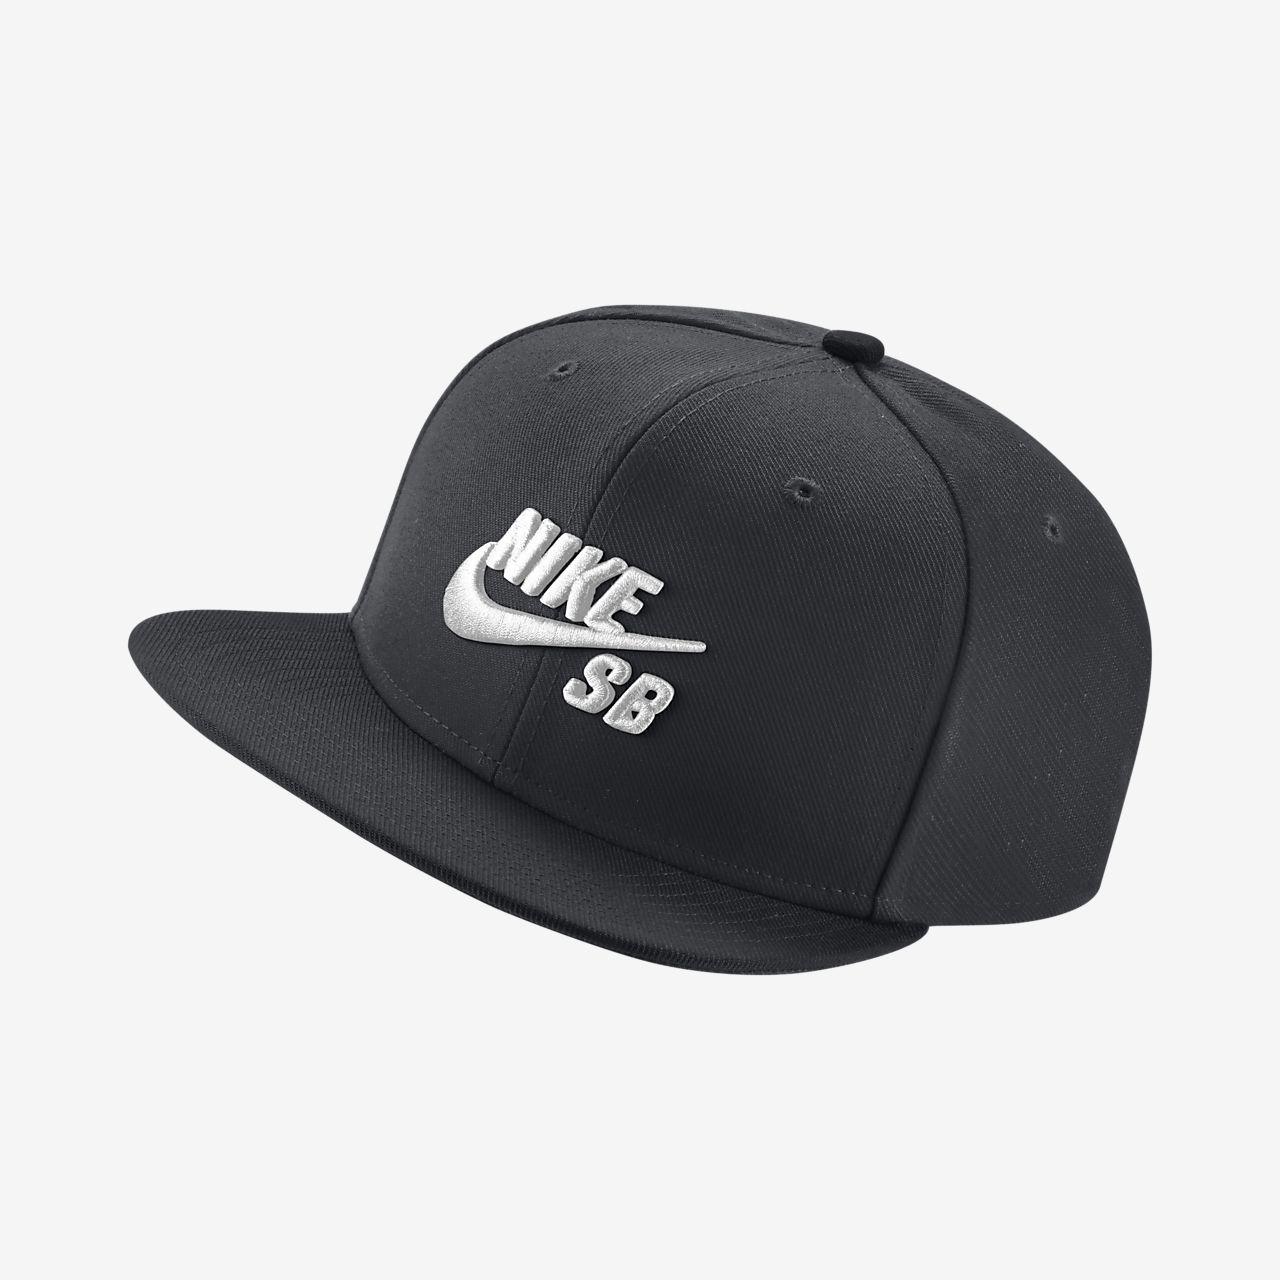 Nike Sb Gorros Uk Baloncesto